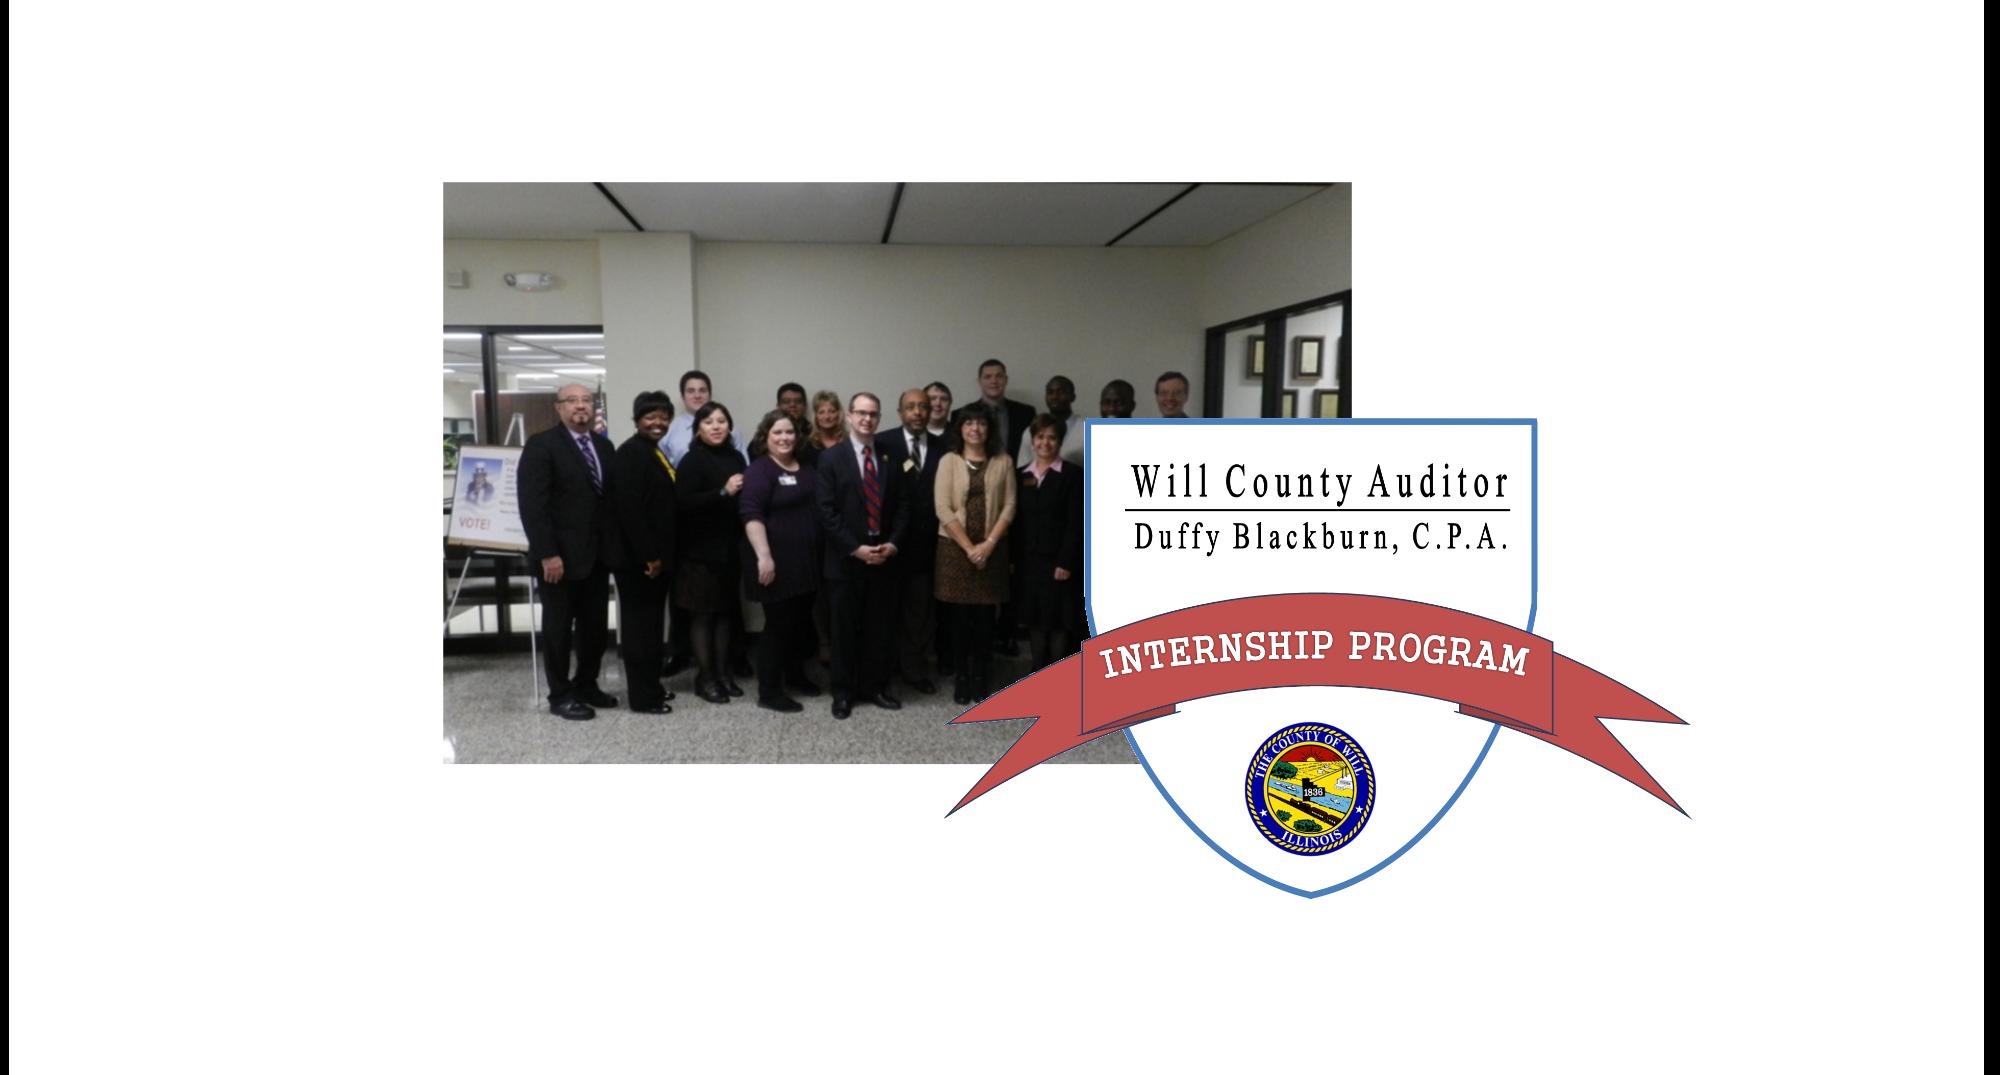 Auditor's Internship Program